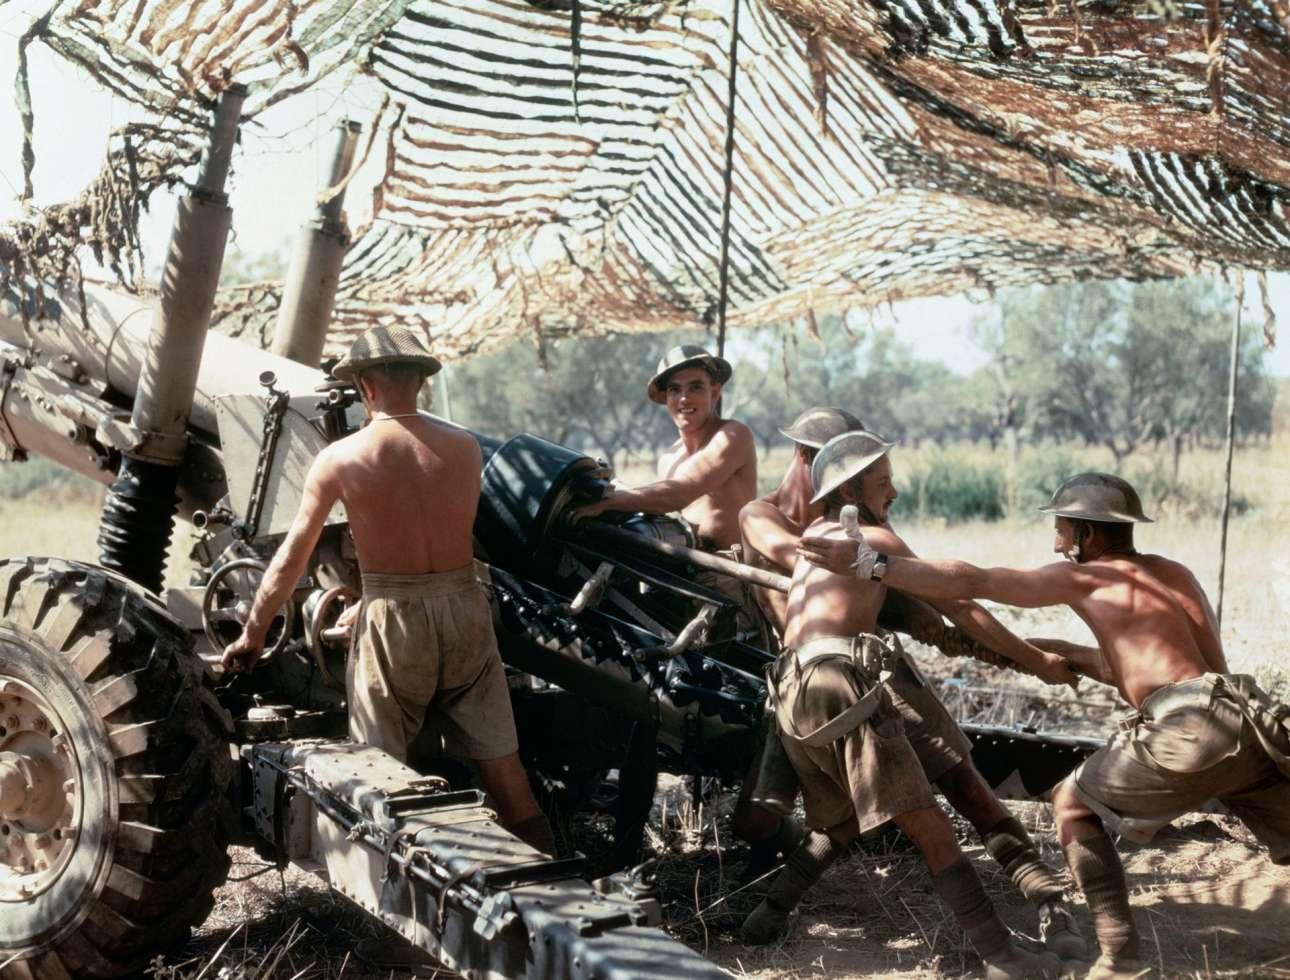 Στρατιώτες της 75ης μεραρχίας του Βασιλικού Πυροβολικού της Βρετανίας εν ώρα δράσης στην Ιταλία, τον Σεπτέμβριο του 1943